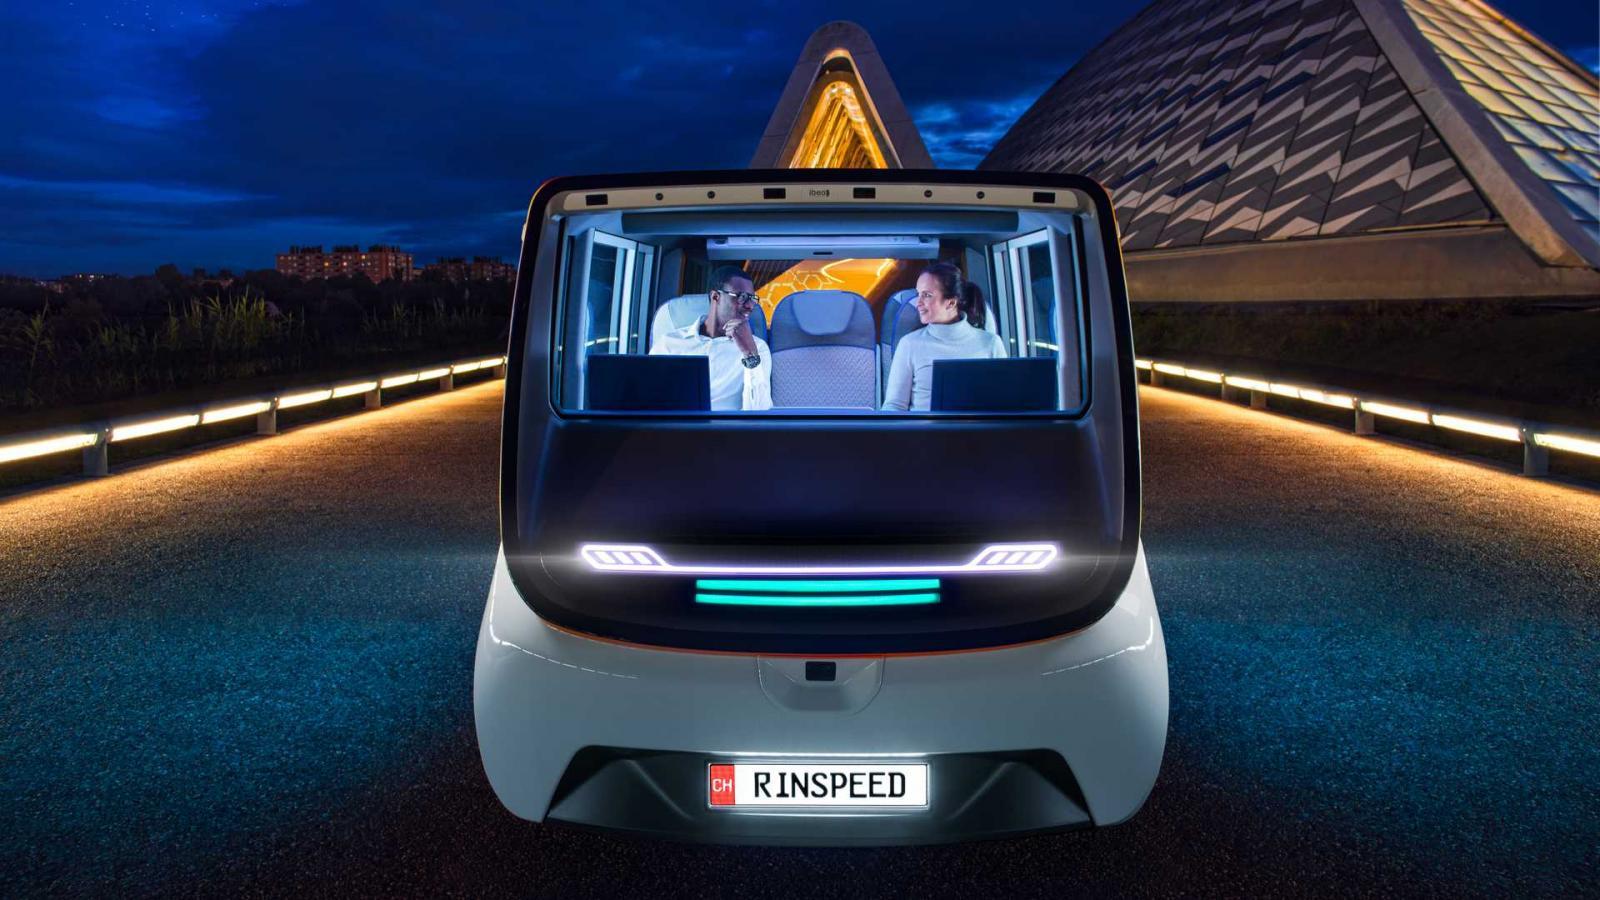 Ofrece una autonomía de 130 kilómetros por carga completa